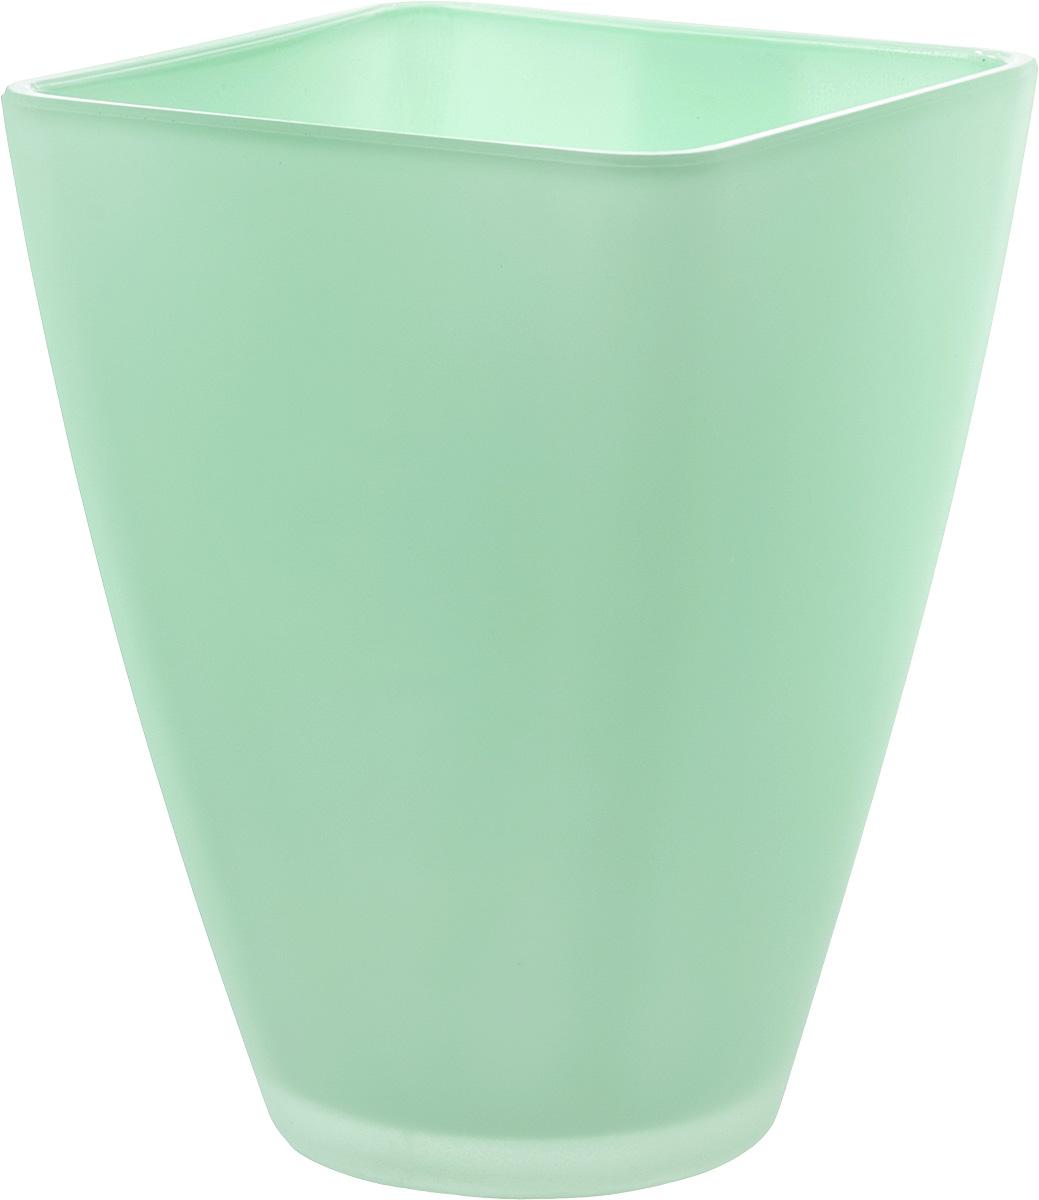 Кашпо Nina Glass Холли, цвет: мята, 1,2 лNG91-022MПродукция завода под брендом NinaGlass известна российскому потребителю необычностью форм и оригинальным декорированием. Главным достоинством стеклянных горшков является отсутствие пористости на их внутренней поверхности, что делает безопасной смену растительного состава. Предприятие производит два вида изделий для флористов:- стеклянные цветочные горшки с отверстием в дне для посадки в них цветов и растений и подставкой под горшок в виде блюдца;- кашпо без отверстия для укладки в них пластиковых контейнеров с цветами и растениями.Горшки и кашпо изготавливаются из опалового триплексного (тройного) стекла с различными видами декорирования водо- и износостойкими красками. Возможна окраска изделий изнутри. Матовая поверхность и окраска изнутри создают объемный эффект, а сами цвета очень мягкие и приятные. Также интересны и формы изделий, выполненные методом центробежного формования: - горшки НТ - современная модель горшка с поддоном, которые смотрятся как единое целое и обладают устойчивым широким дном;- кашпо НТ - глубокие, с небольшим радиусом выпуклости, хорошим широким дном. Кашпо-подсвечники в форме куба можно считать дополнительной опцией: вы можете оформить интерьер не только оригинальными горшками и кашпо, но также весьма привлекательными подсвечниками.Доступны 5 размеров горшков и кашпо и 3 размера кашпо-кубов. Продукция TM NinaGlass безопасна, функциональна, прочна и уникальна. Горшки и кашпо способны создать неповторимое настроение и стать центром интерьера в любом помещении.